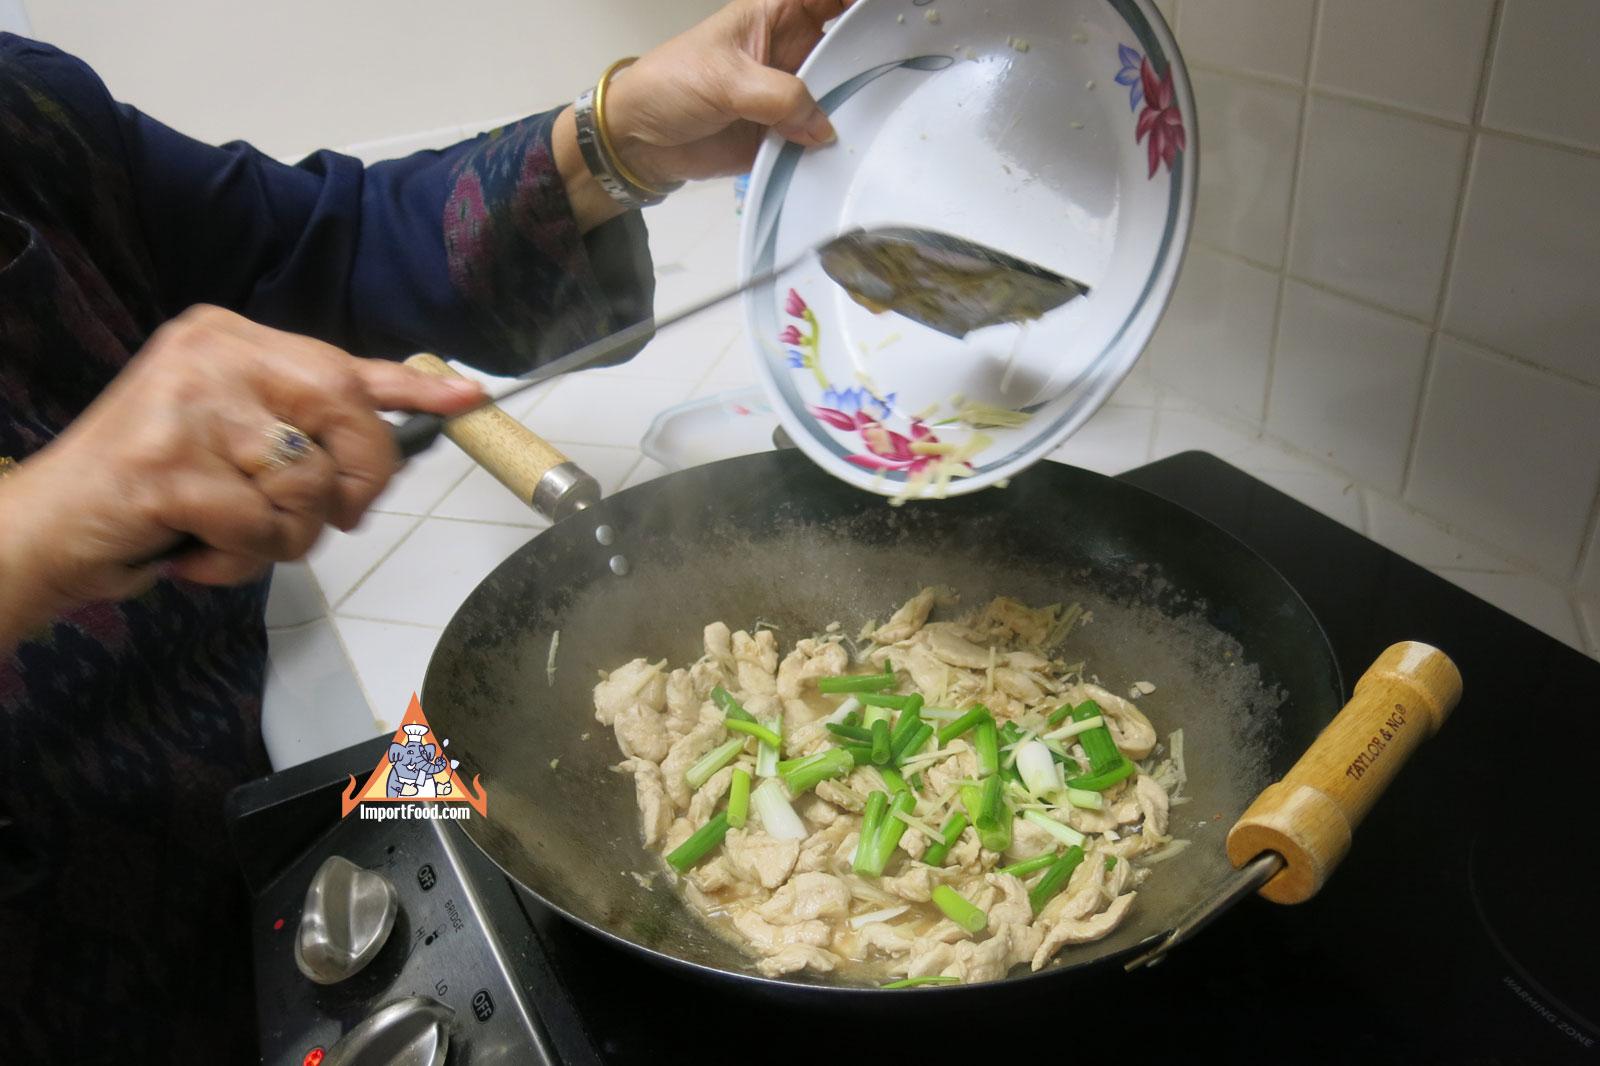 f04d5d1692d68f5d7826560d3030a6cb Recipe Ginger Chicken, 'Gai Pad Khing' :: ImportFood